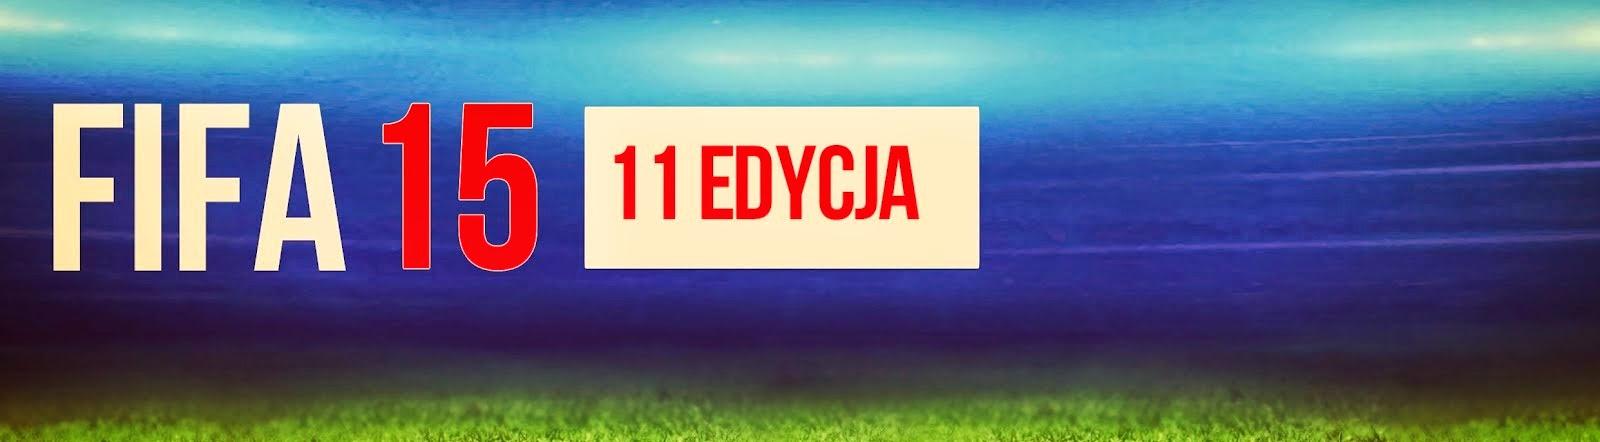 FIFA 15 - Liga Mistrzów - Liga Europejska